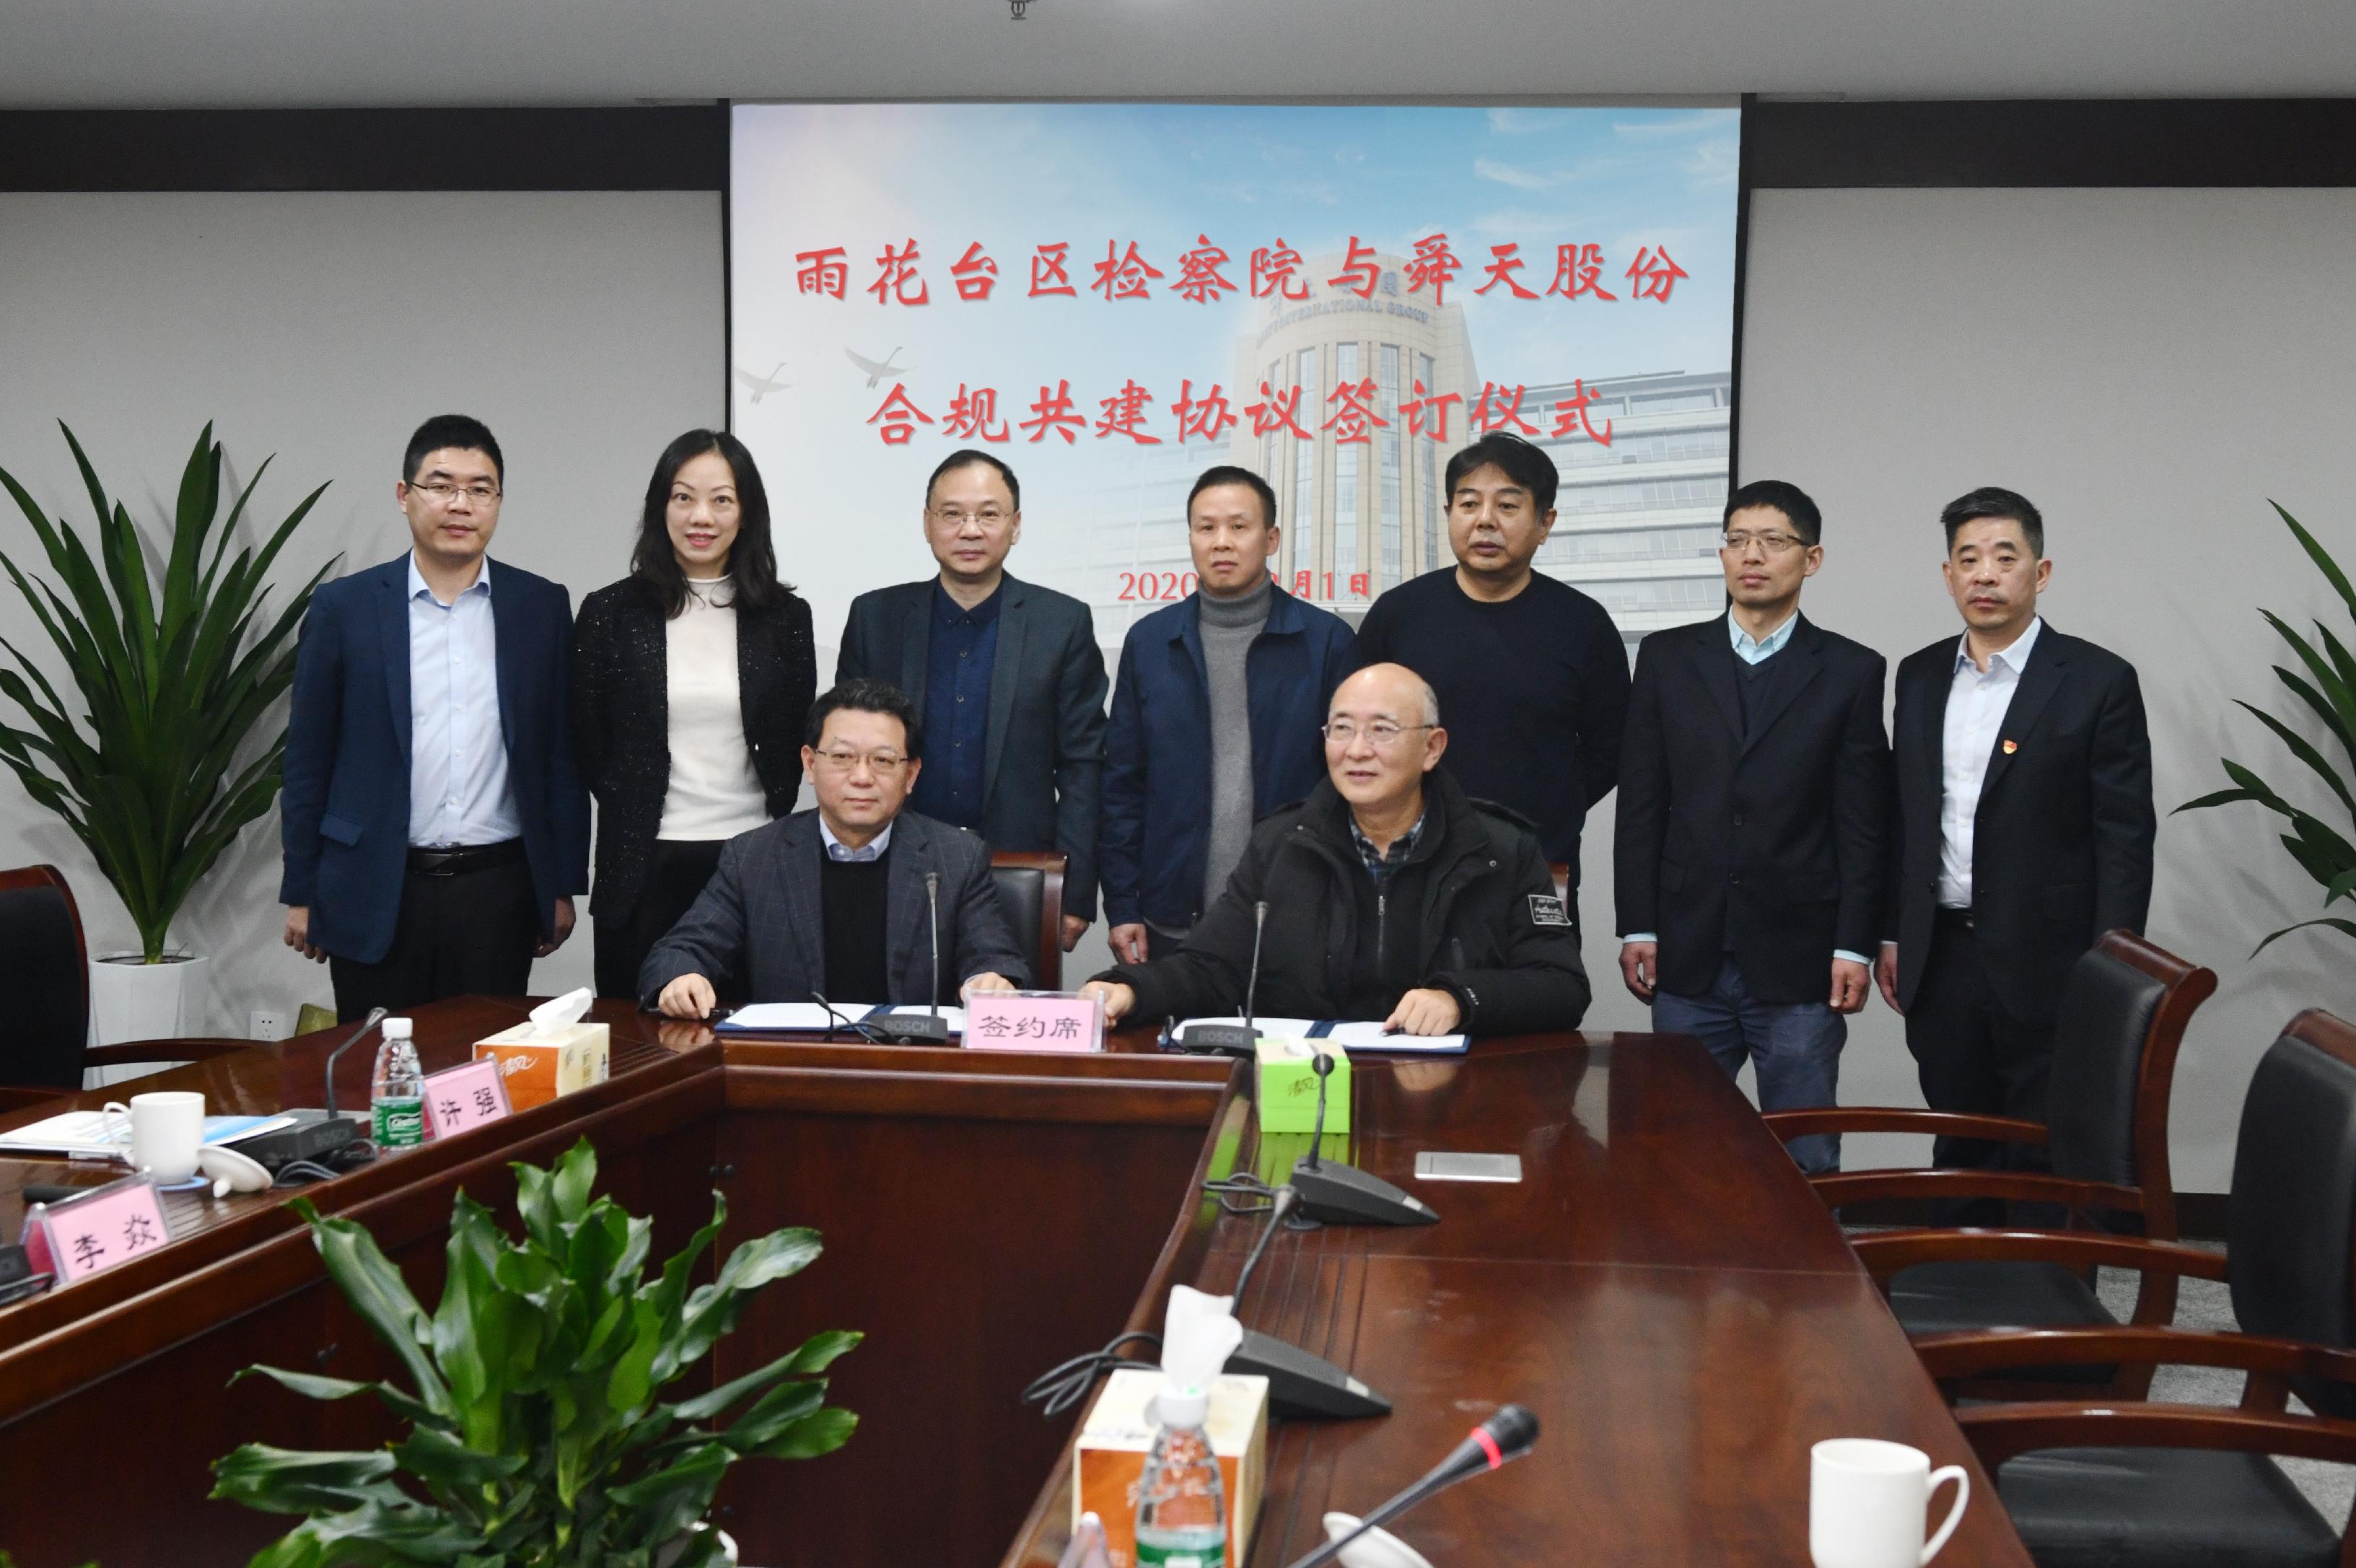 聚力合规共建 赋能稳健发展——雨花台区检察院与舜天股份签订合规共建协议